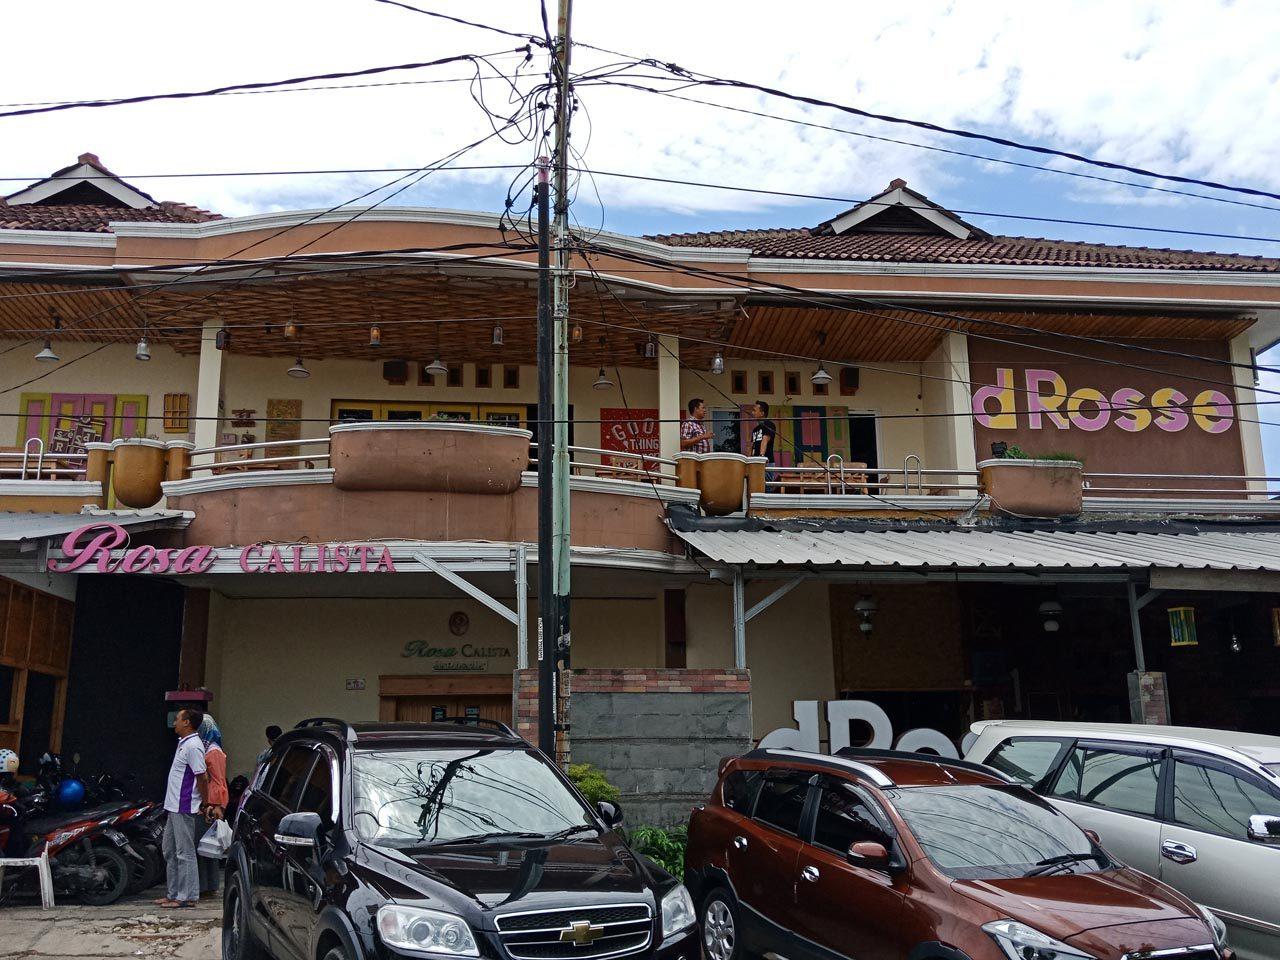 Cafe De Rosse - tempat makan enak di bandar lampung - yopie pangkey - 8